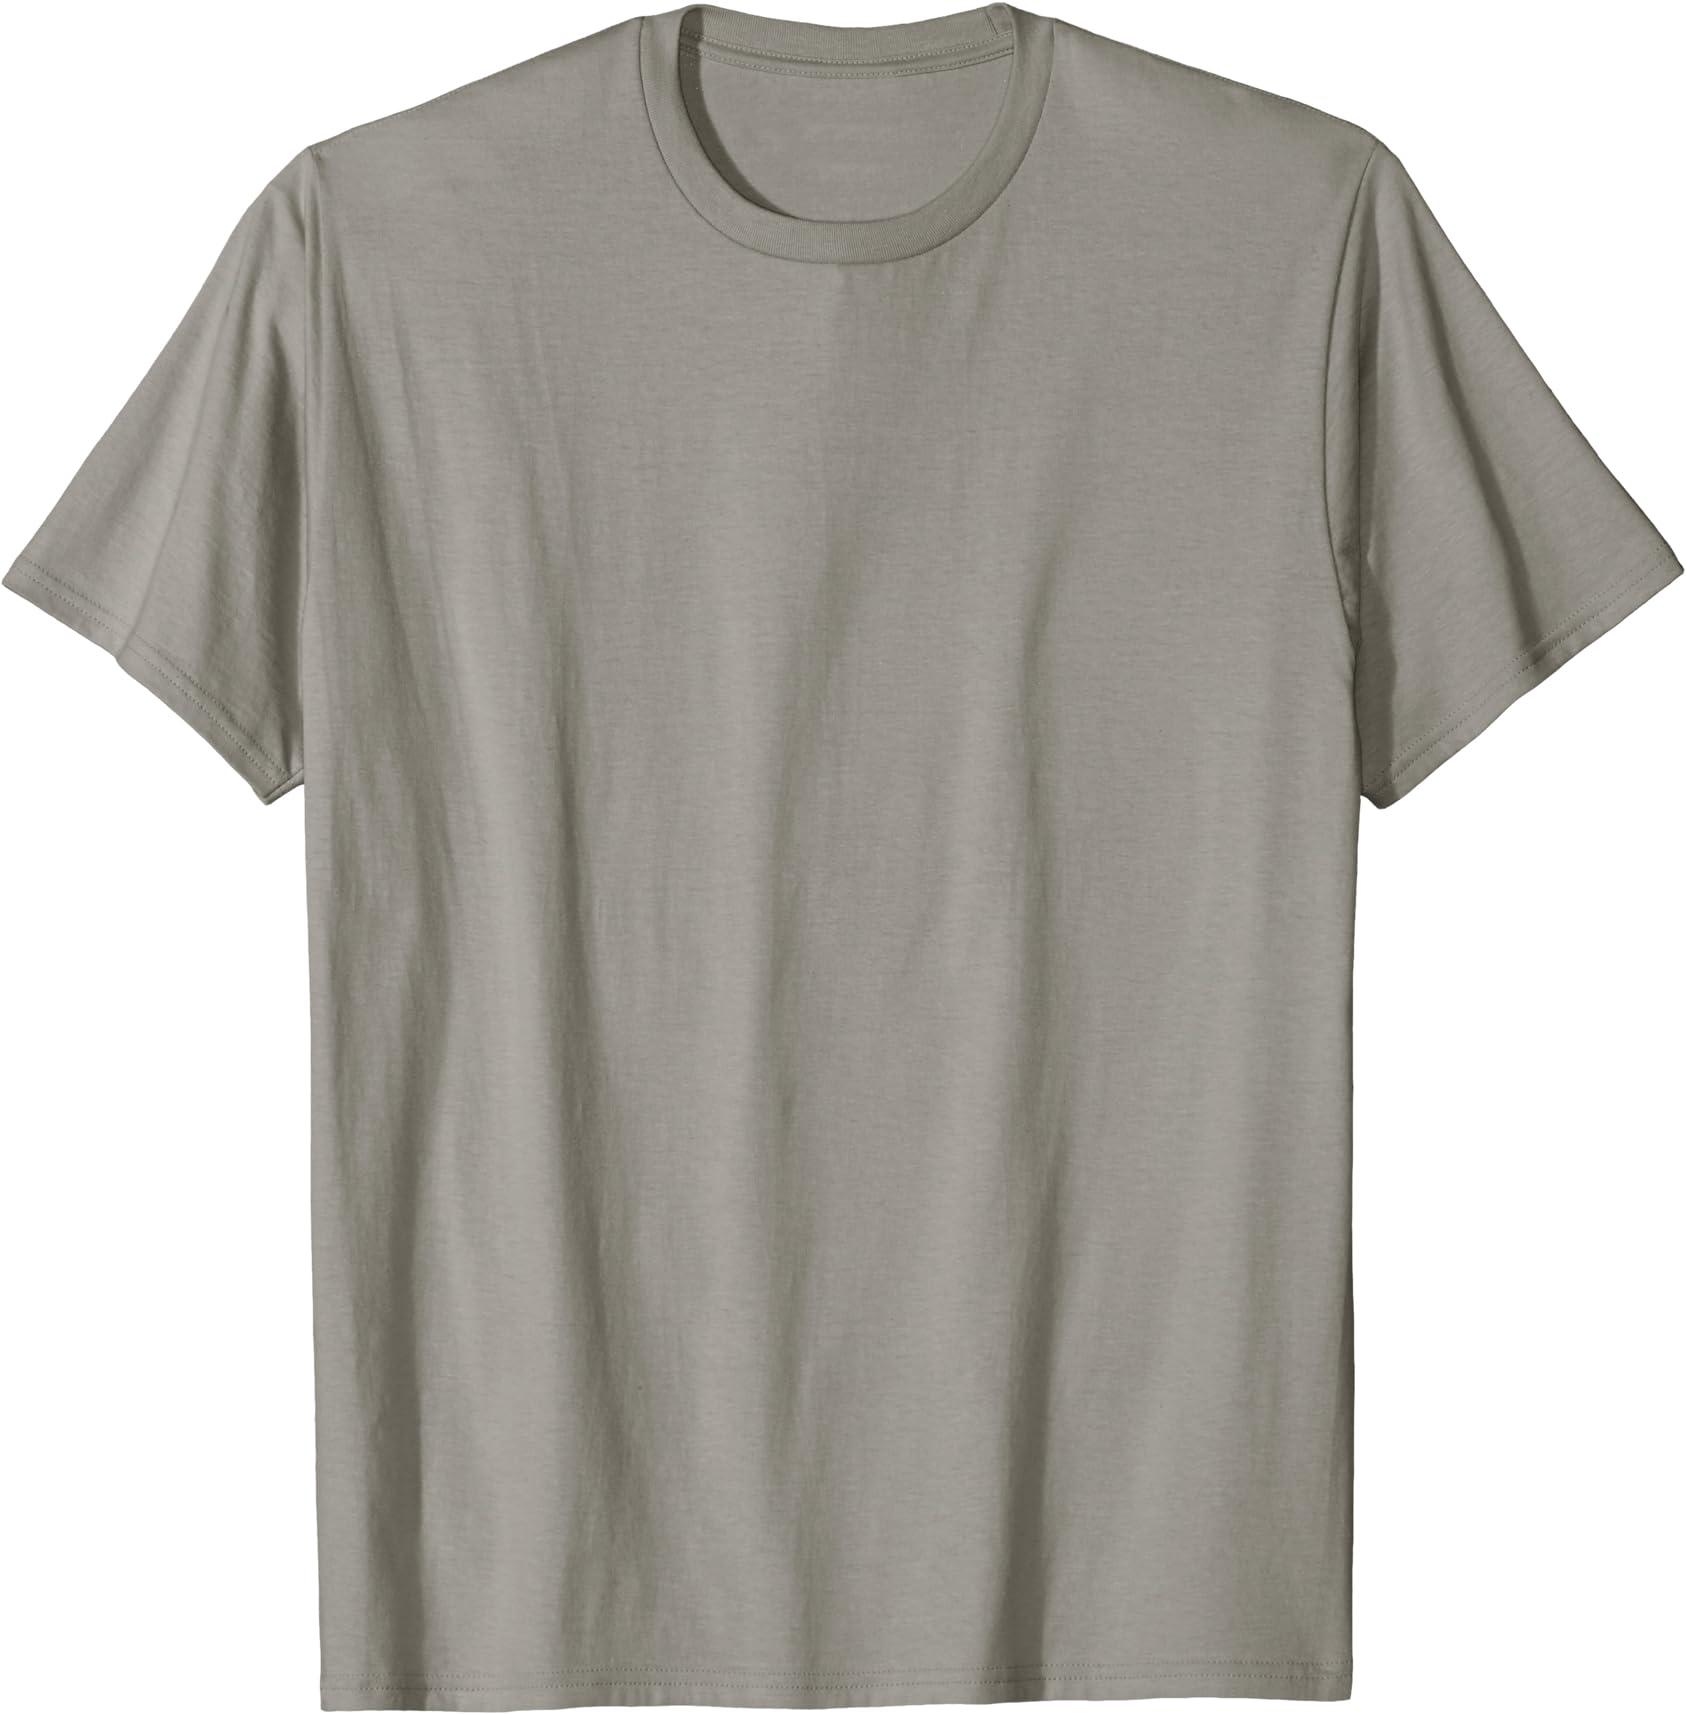 Utah-Omaha-Gold-Juno-Sword D-Day 75th Anniversary Military Veteran Black T-Shirt